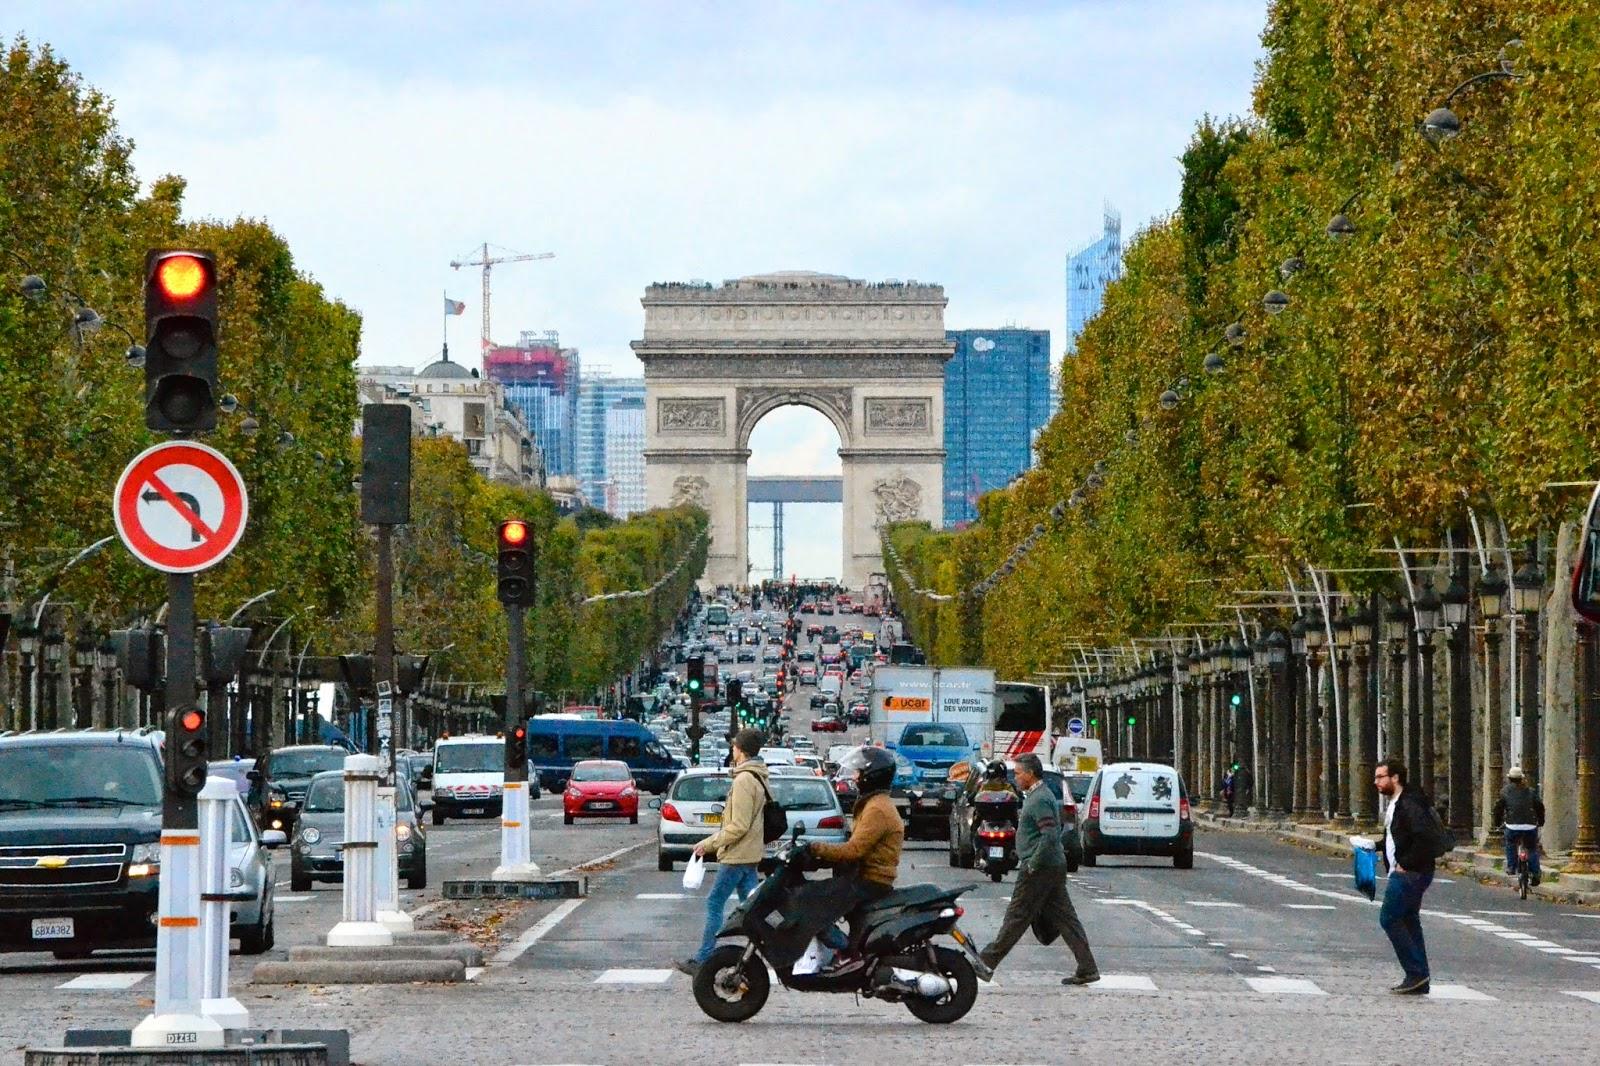 campos eliseos, paris, francia, guía de viaje